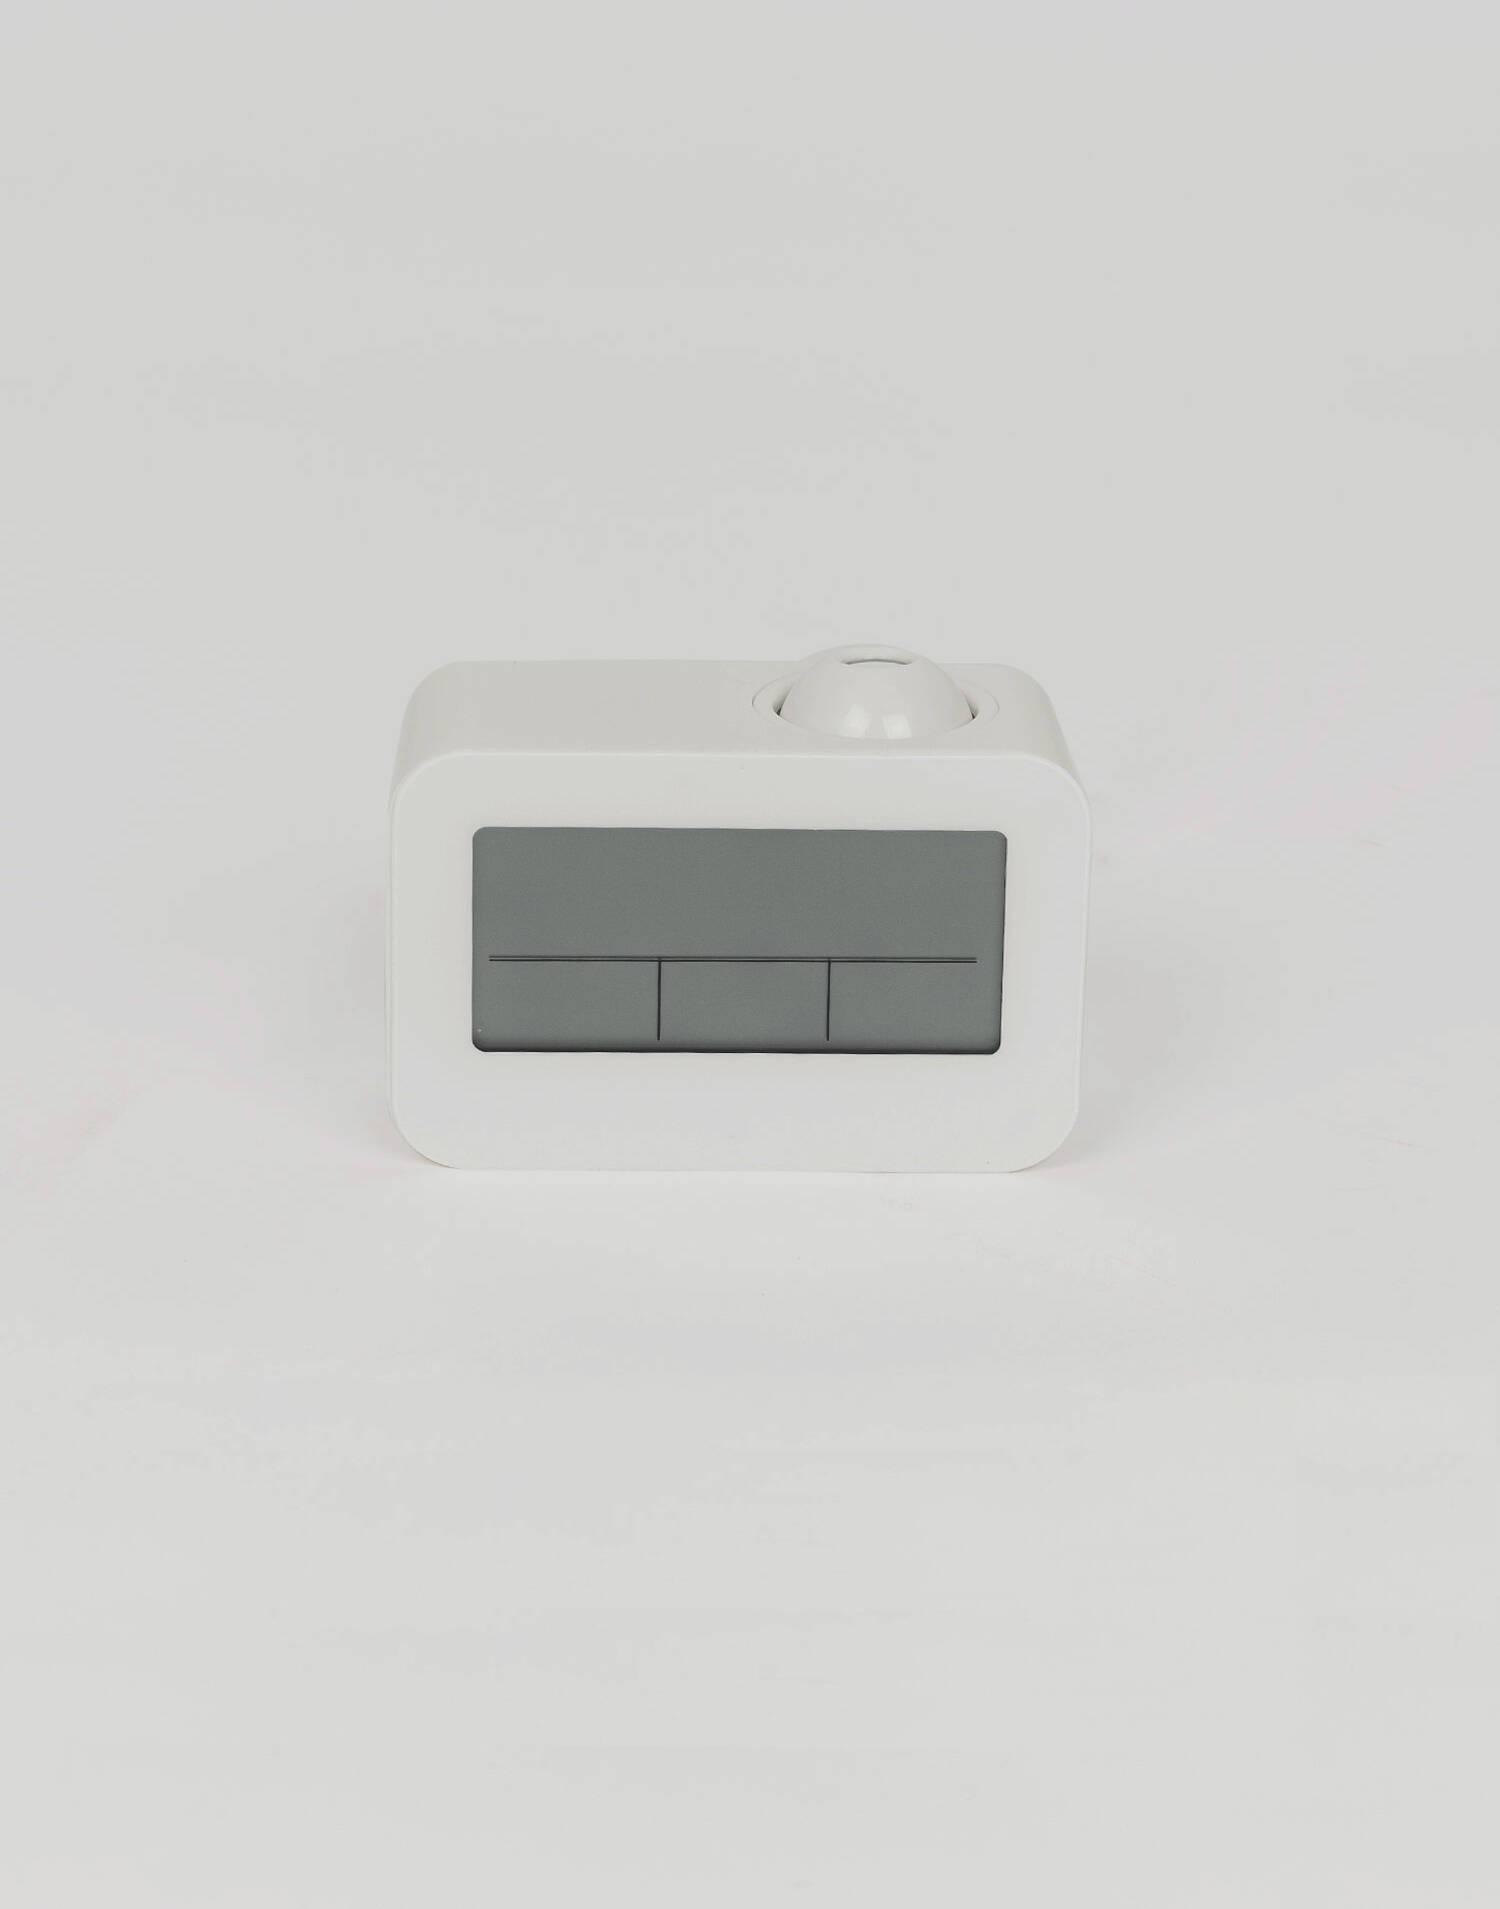 Reloj despertador proyector techo